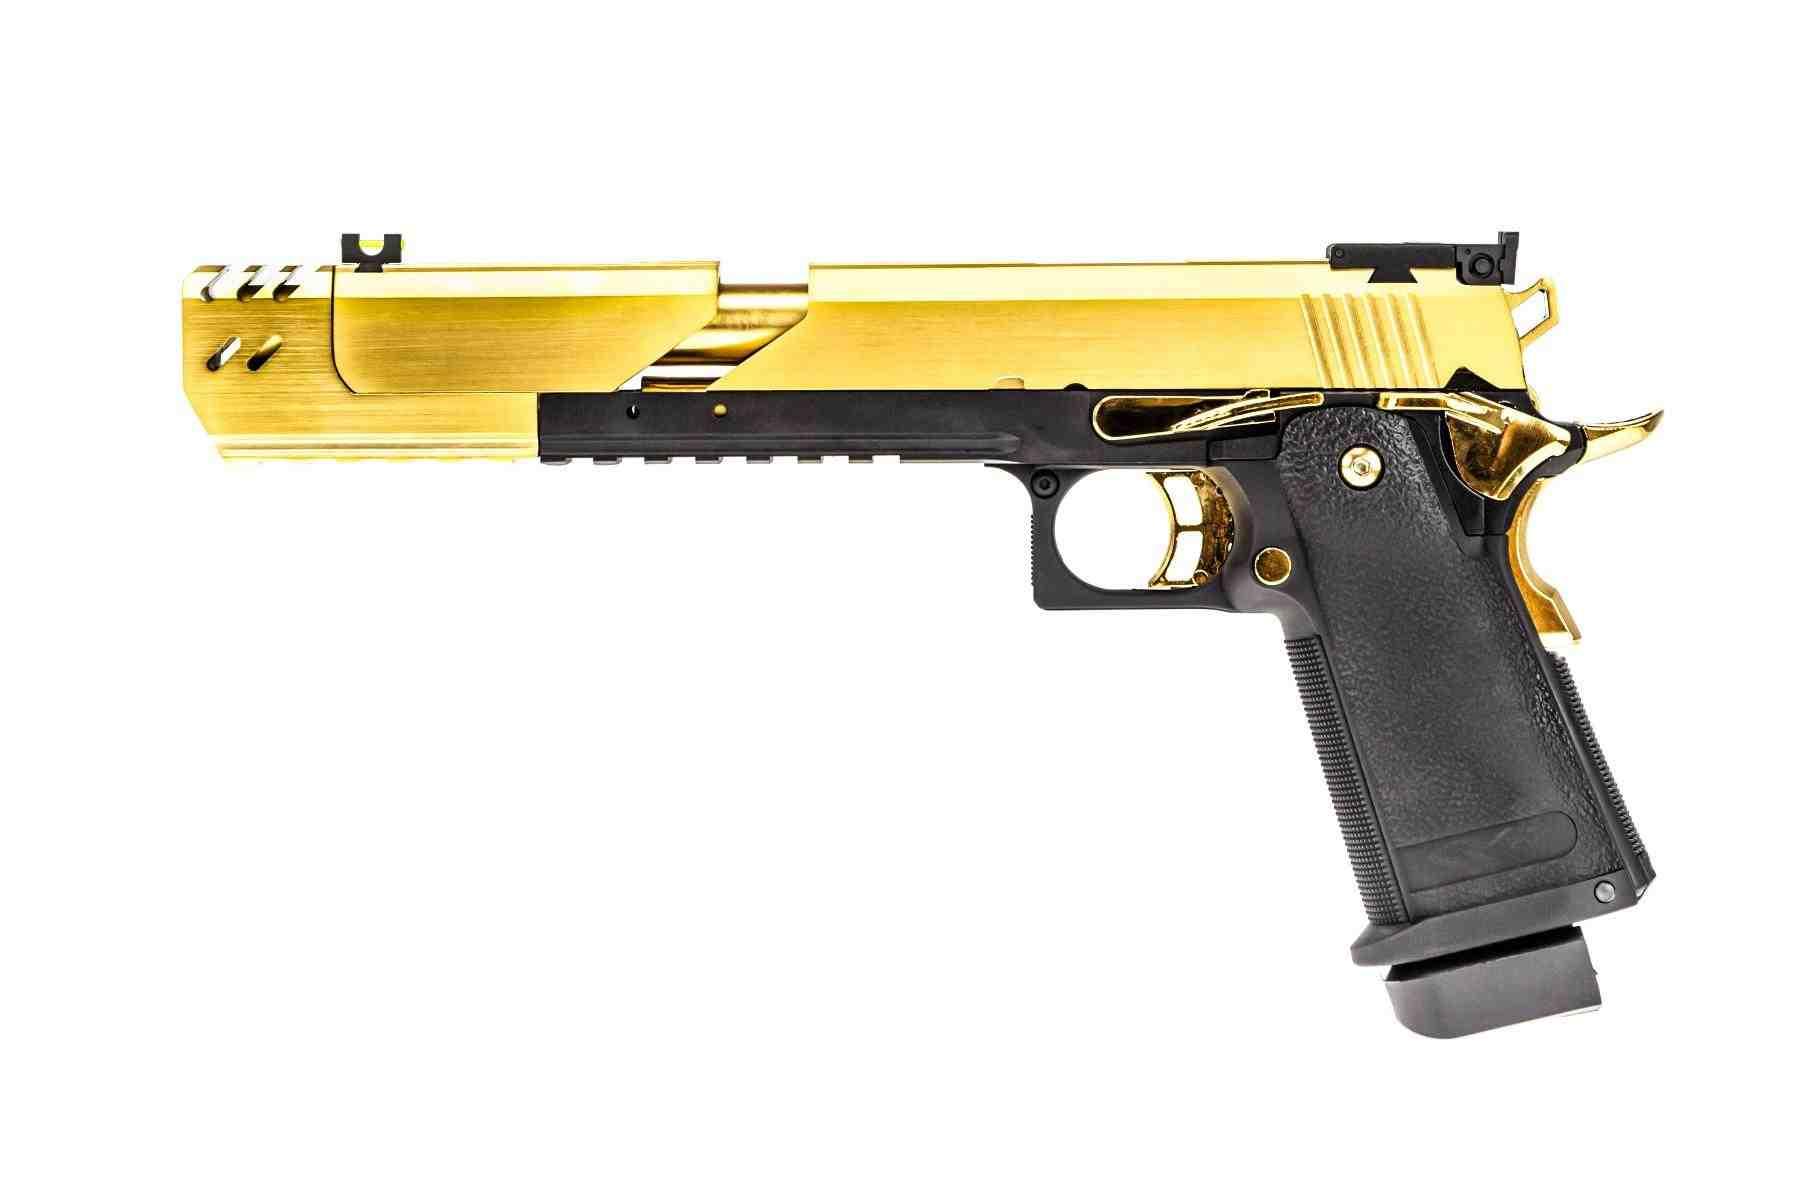 Quelle arme pour lancer l'airsoft?